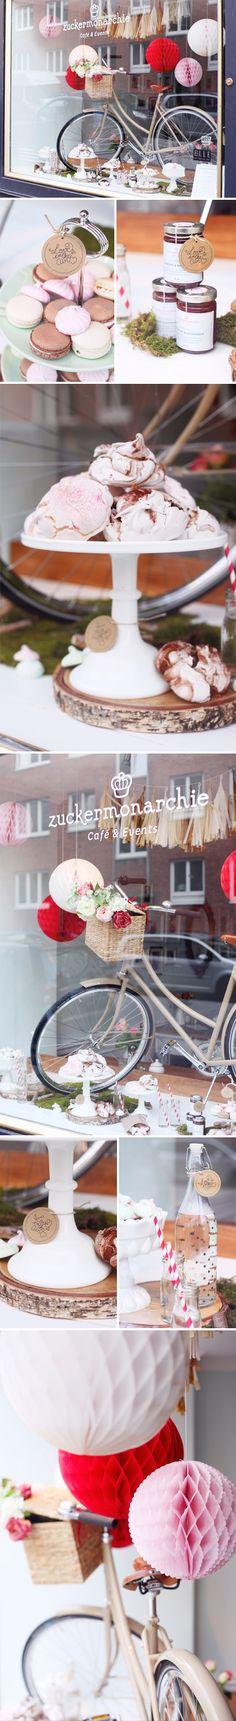 Zuckermonarchie - Hamburg, Germany